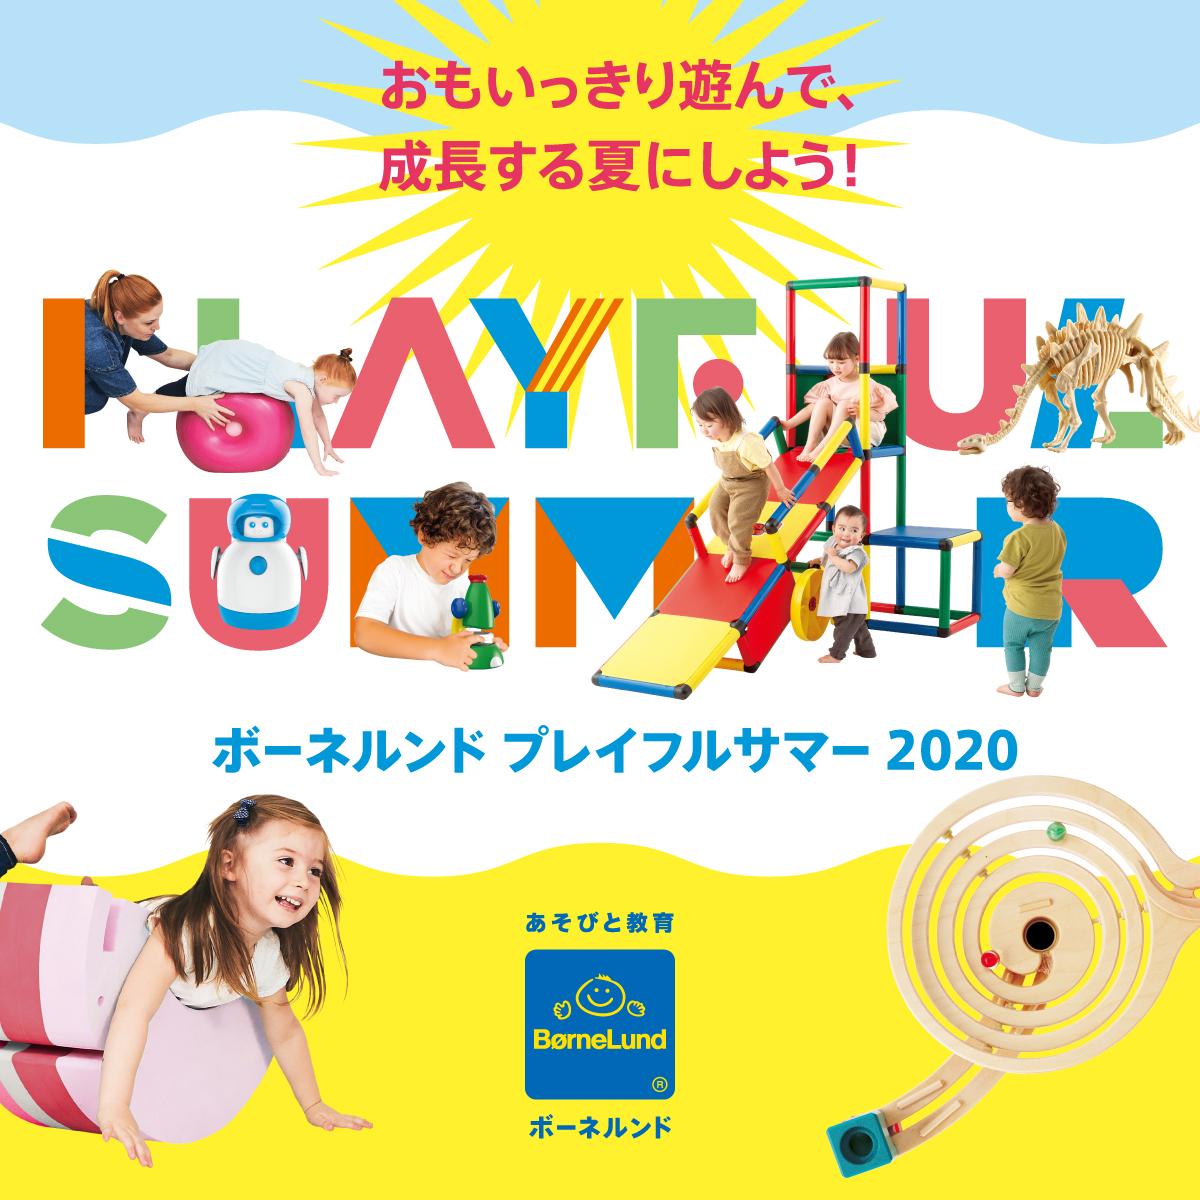 「ボーネルンド PLAYFUL SUMMER 2020」開催中!